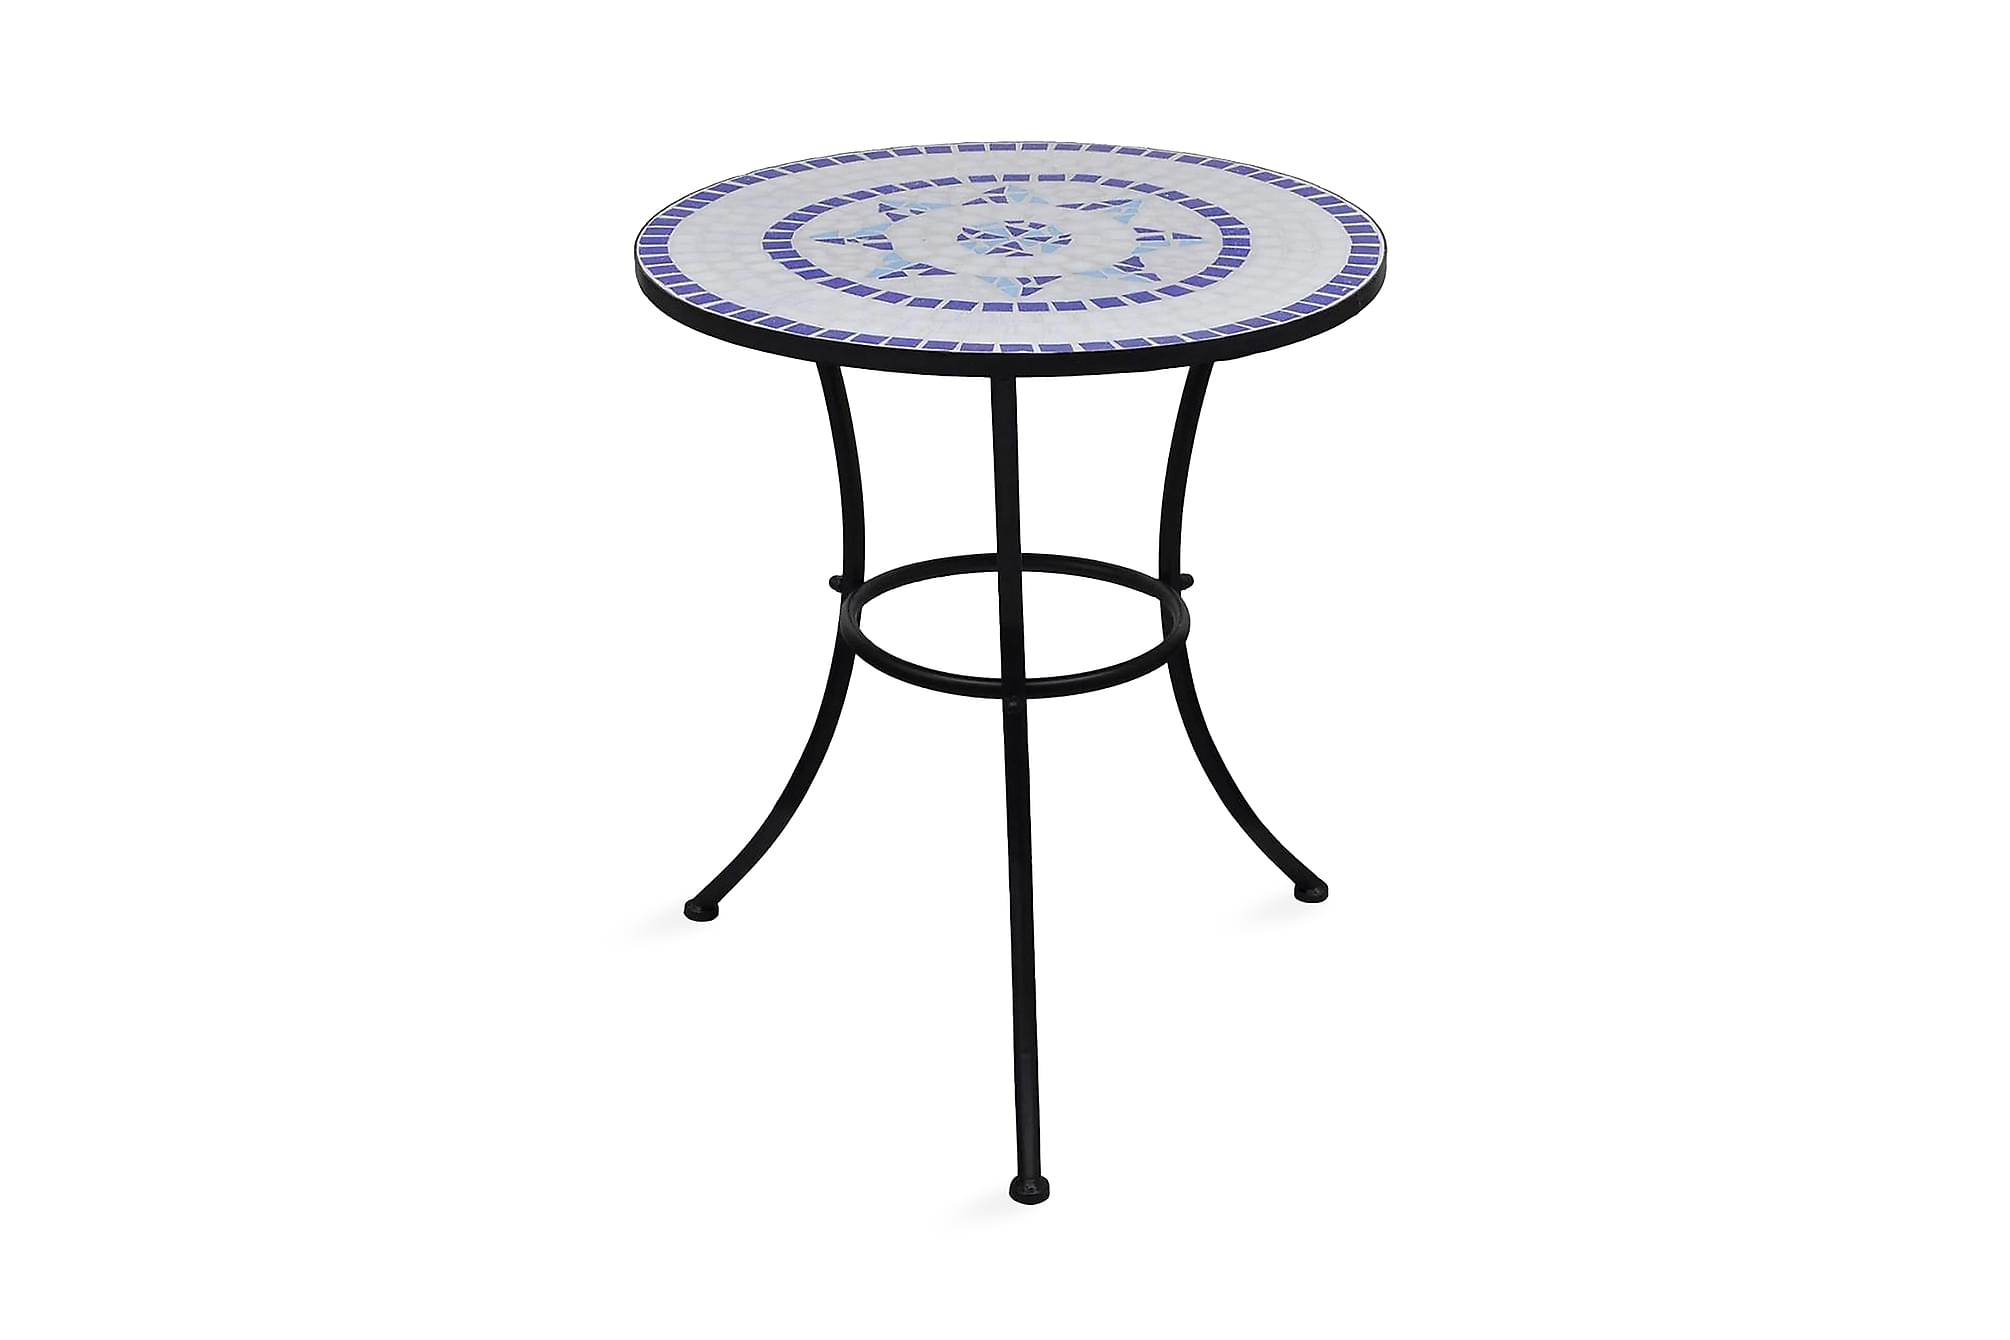 Caféset blå och vit 60 cm mosaik, Cafebord